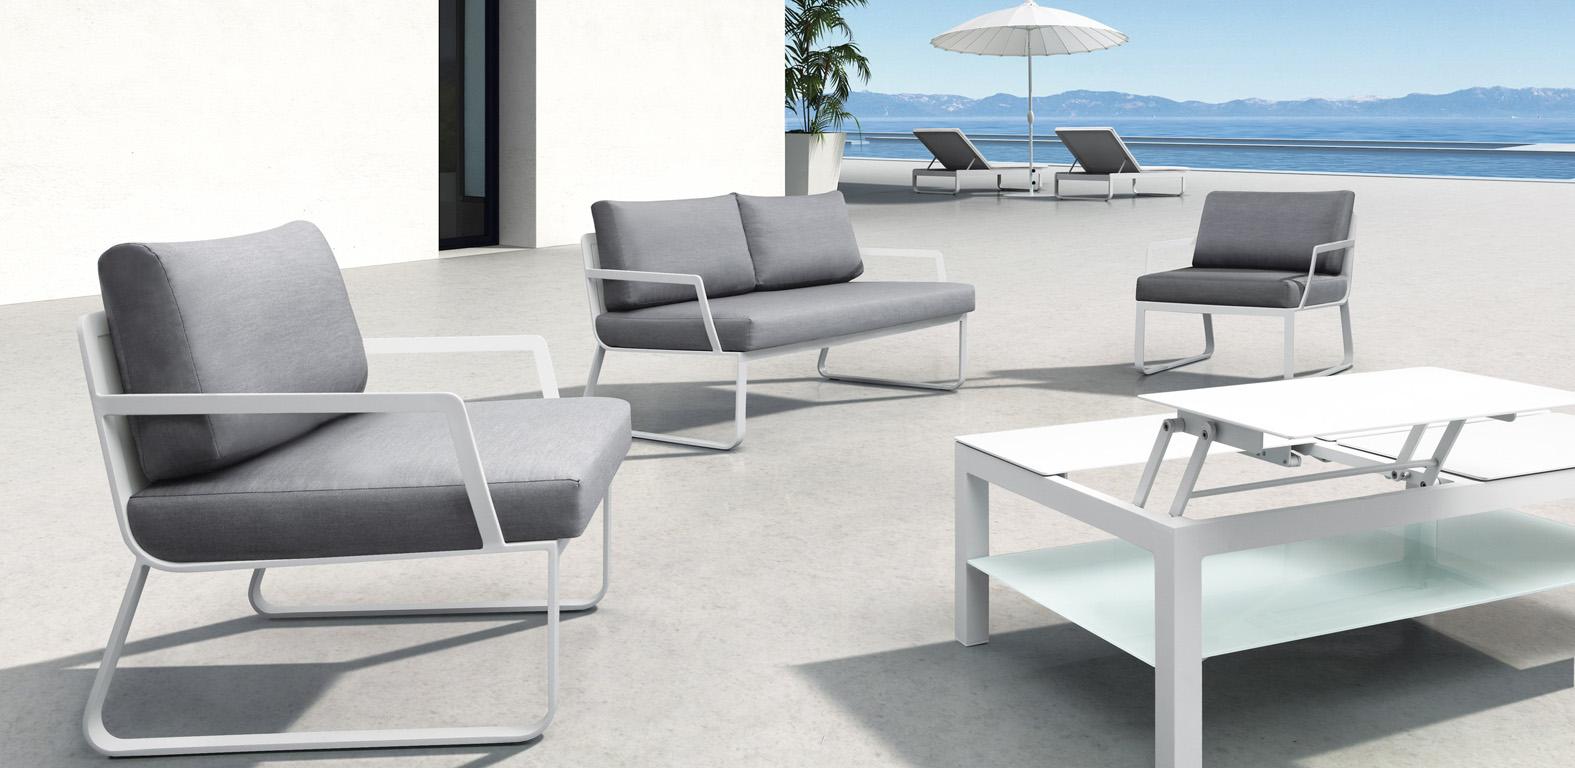 Aluminium Loungeset Salerno